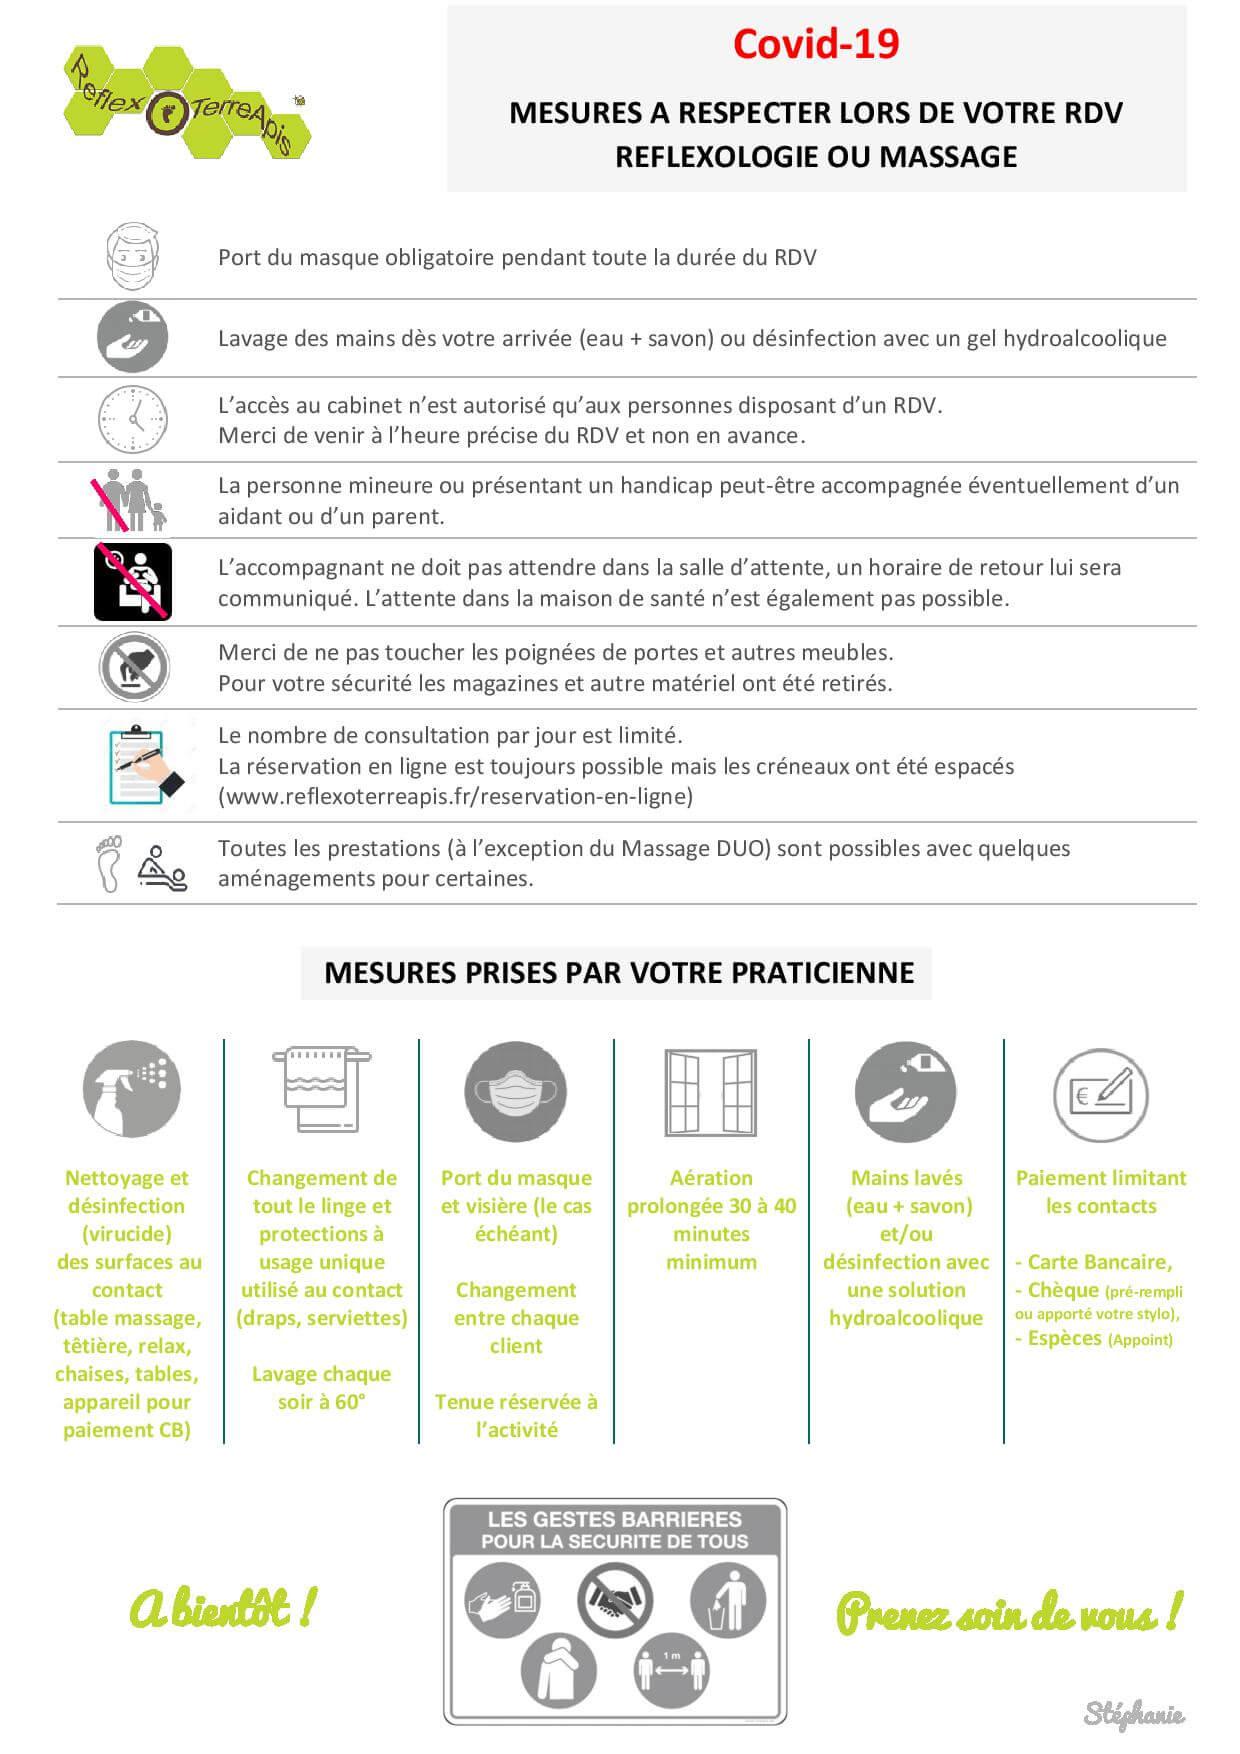 Covid-19 Ouverture Mesures sanitaires réflexologie  Massage